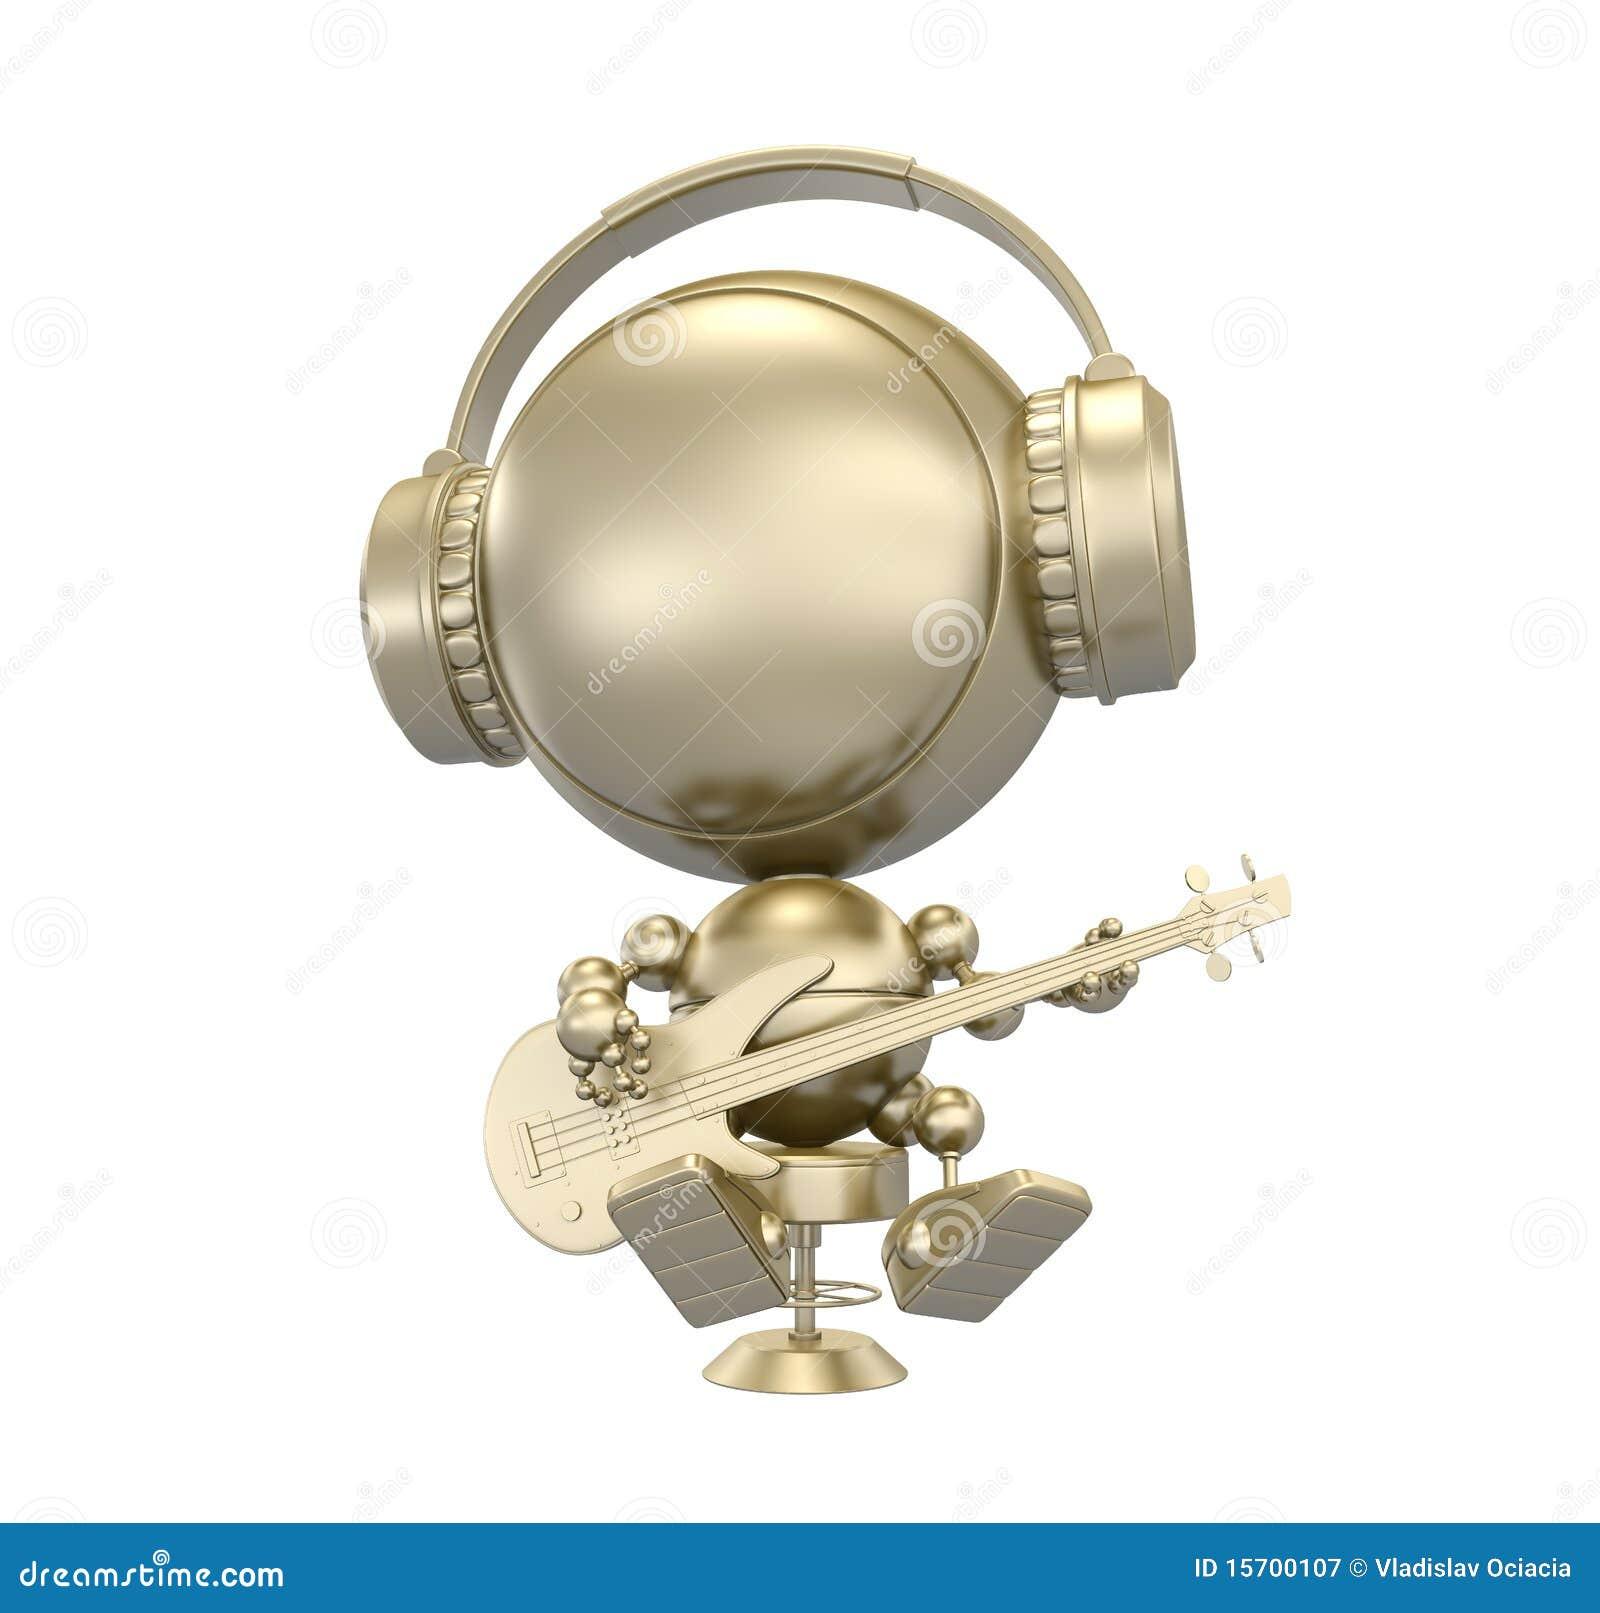 Gouden beeldje van robot - musicus